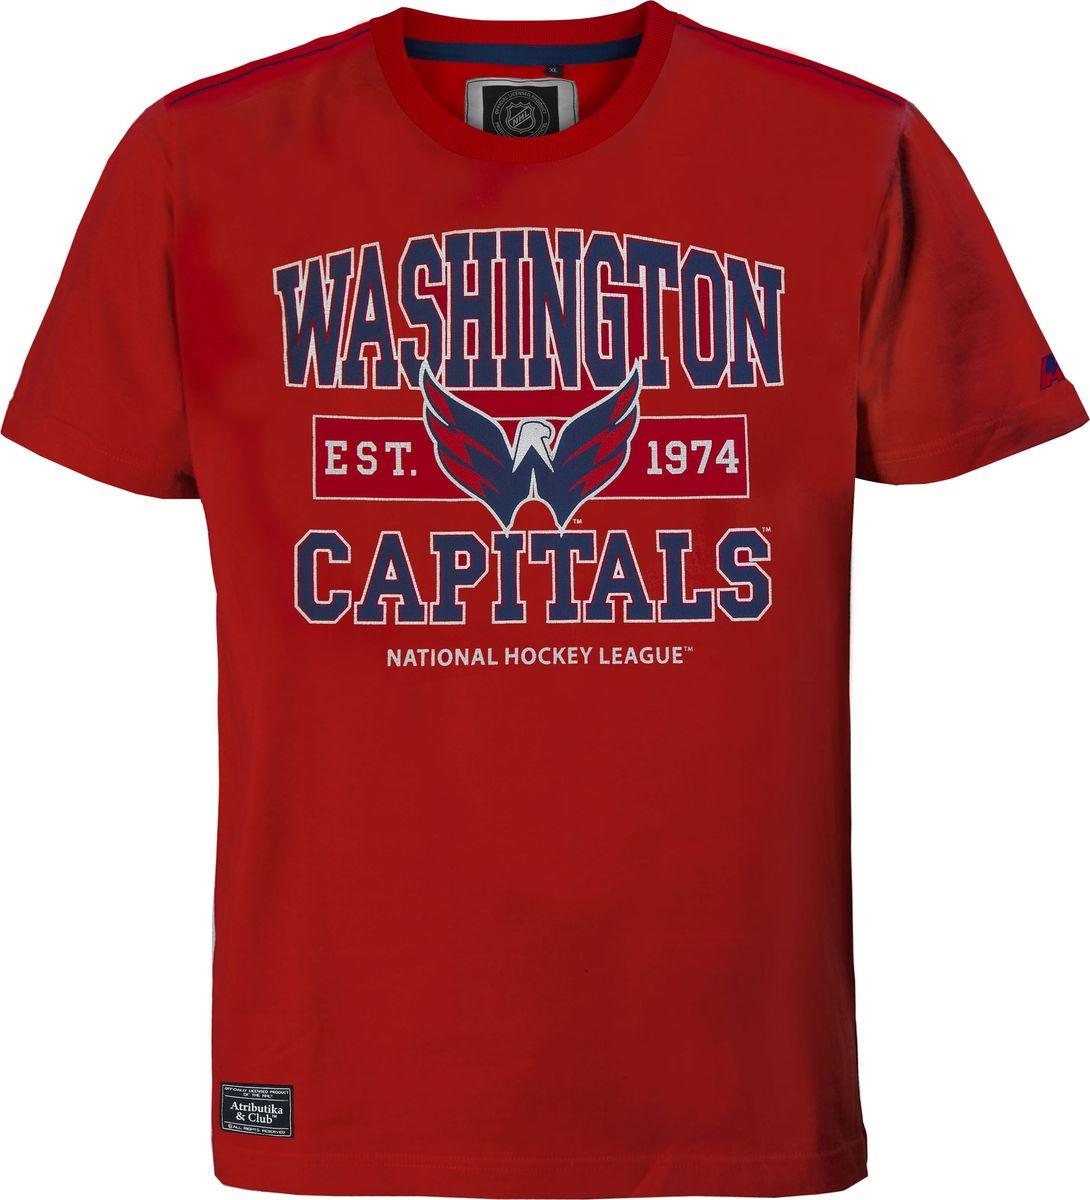 Футболка мужская Atributika & Club Washington Capitals, цвет: красный. 29930. Размер L (50)29930